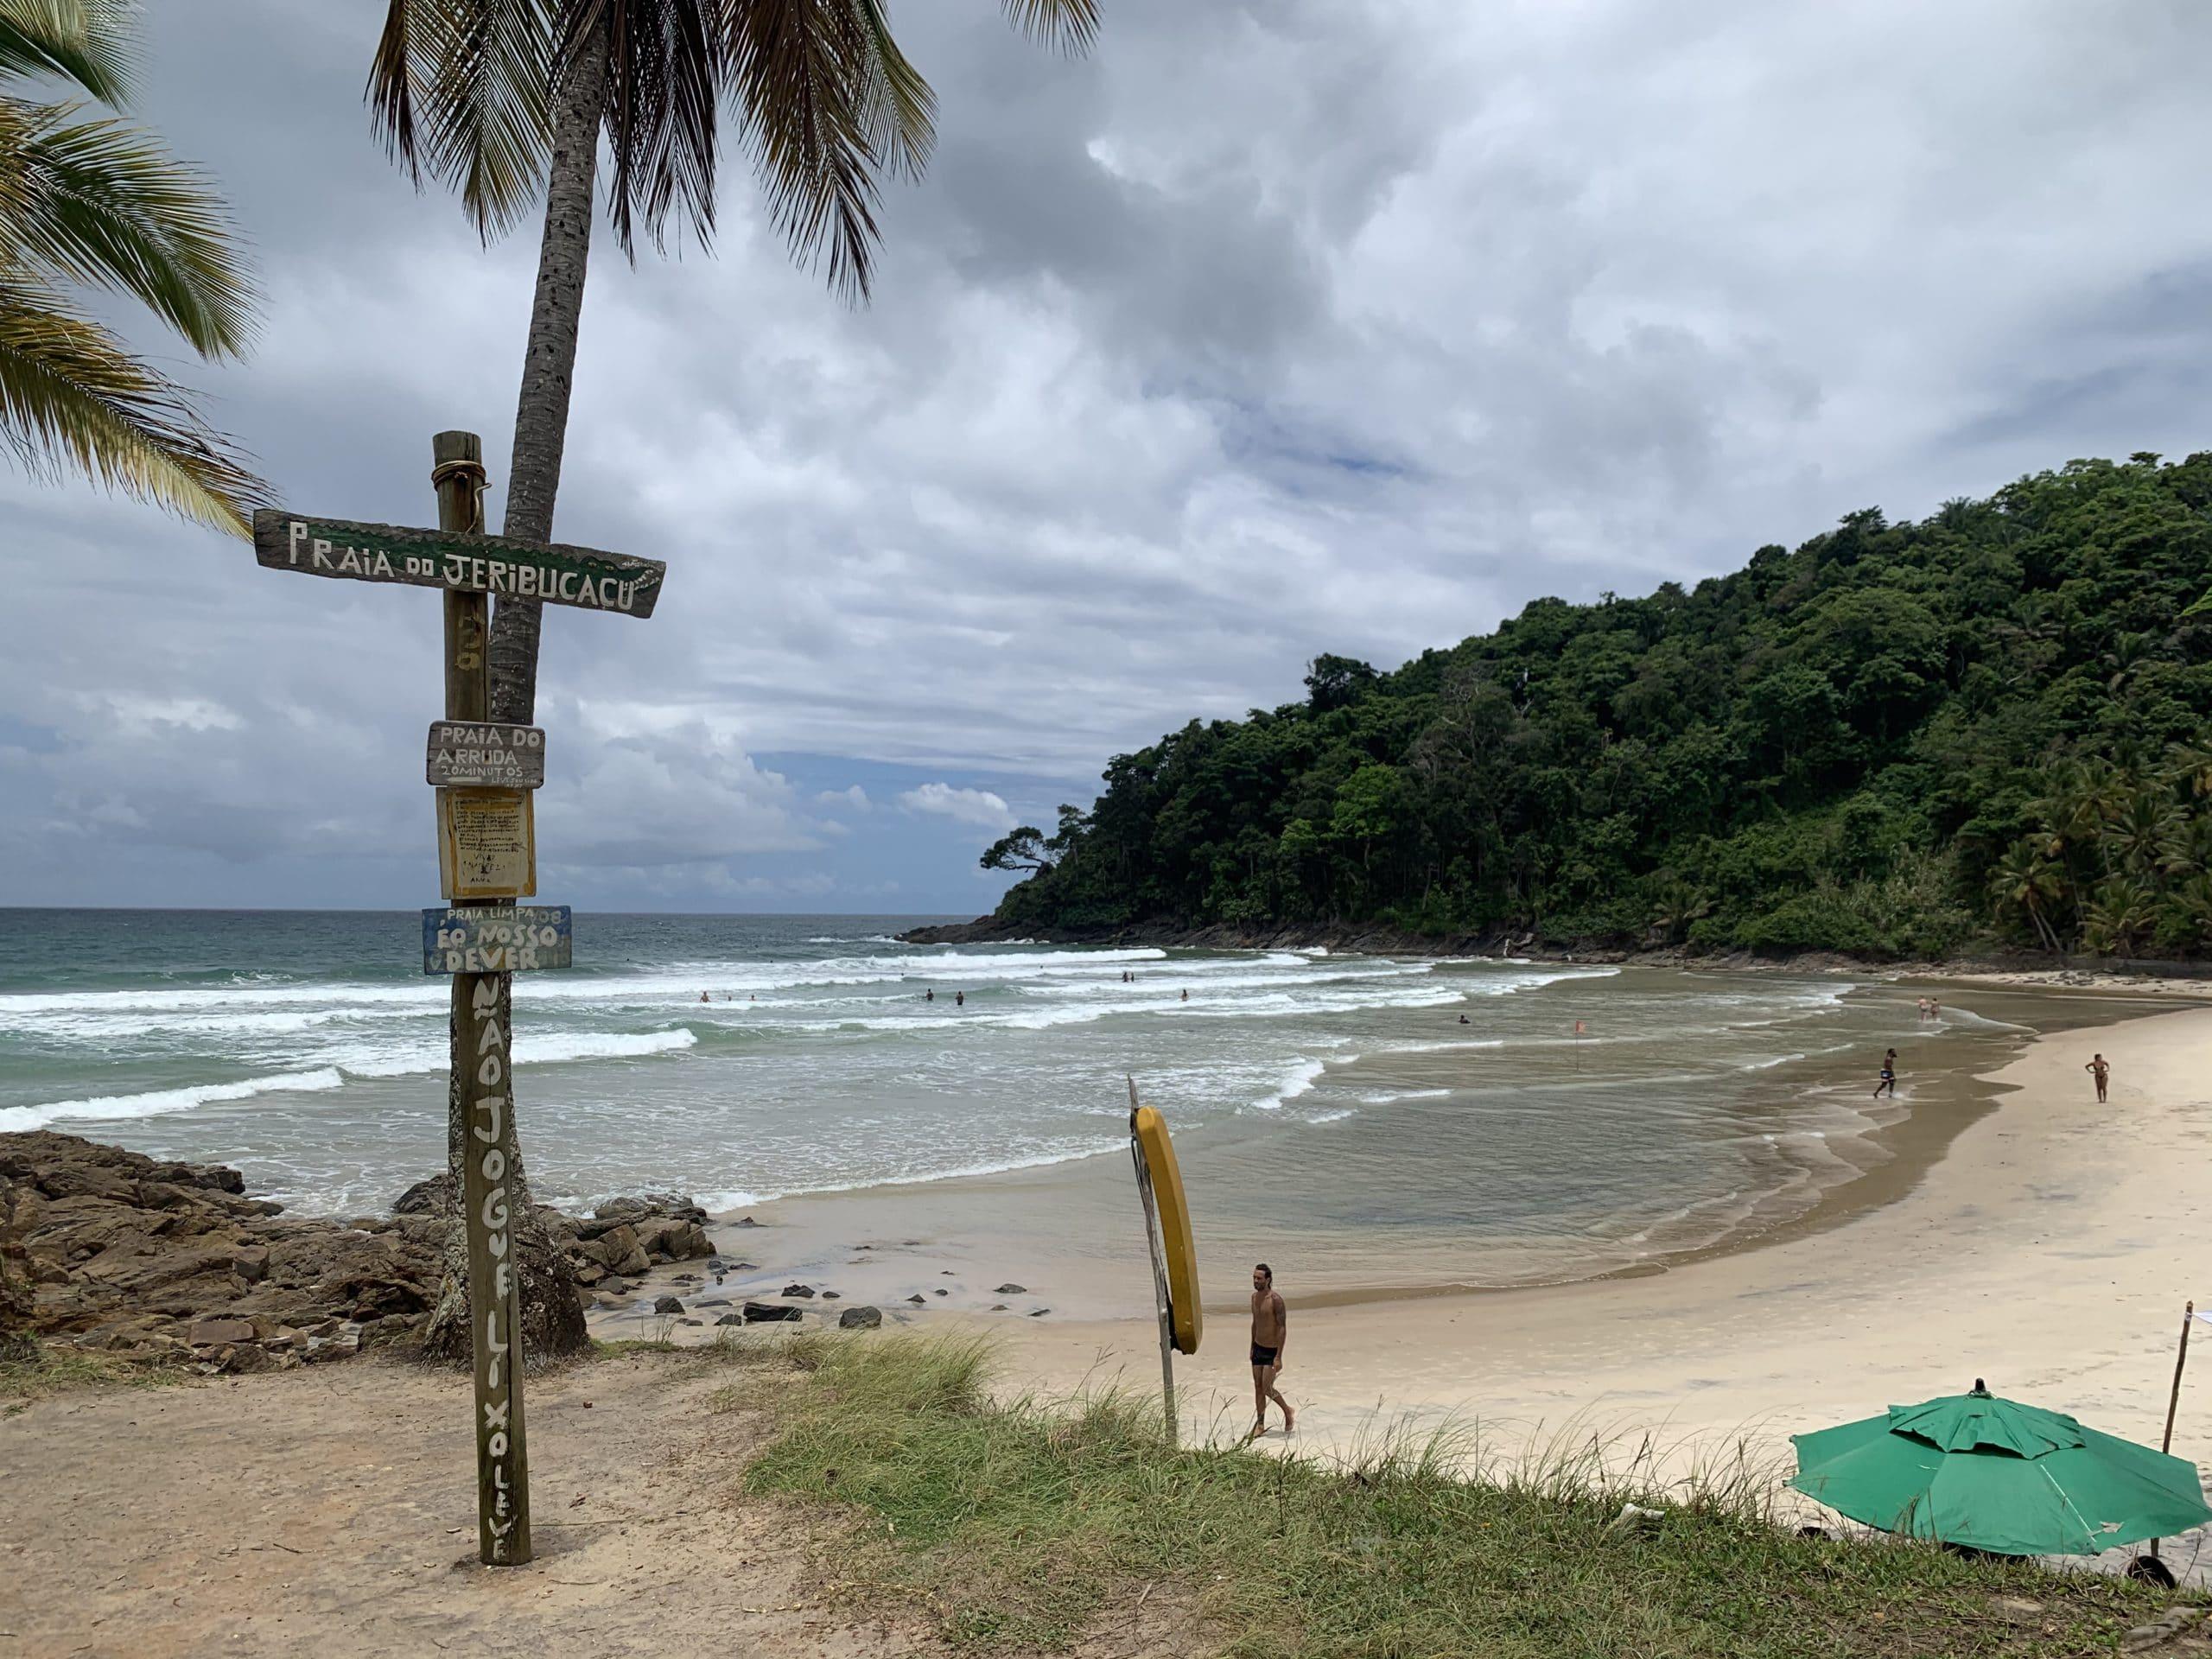 Praia de Jeribucaçu - Itacaré